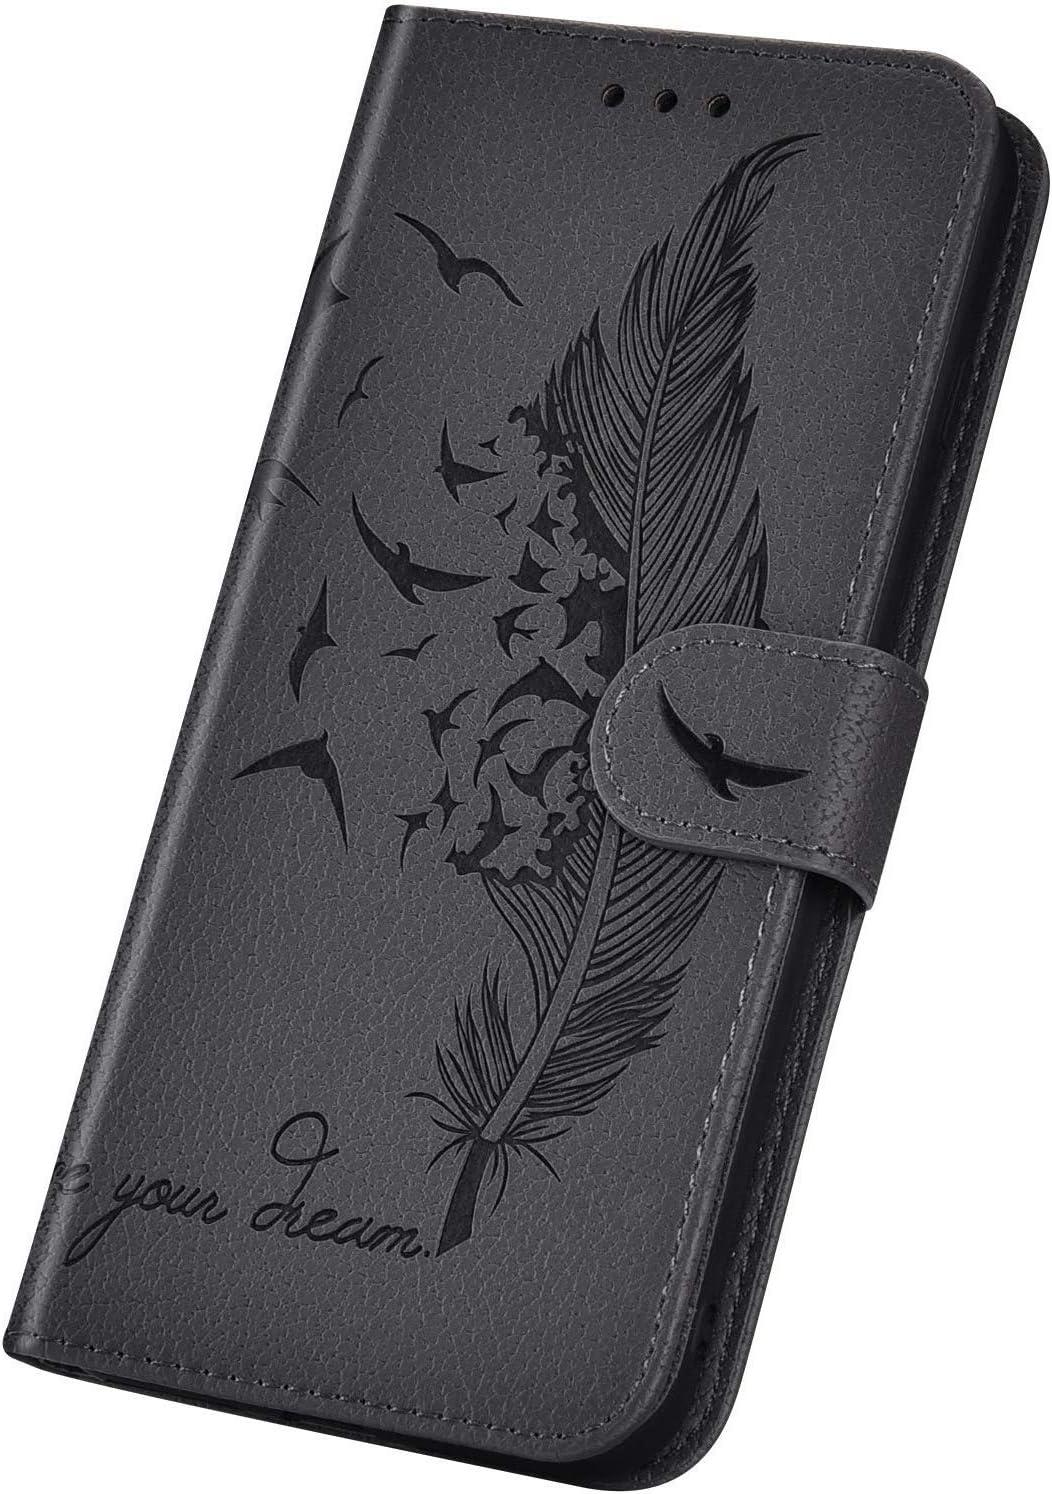 Saceebe Compatibile con Galaxy S10 plus Custodia pelle Cover a libro PU Flip Case Pelle Cover Portafoglio con Porta Carte di Credito Morbido,verde Custodia in pelle Feather goffratura